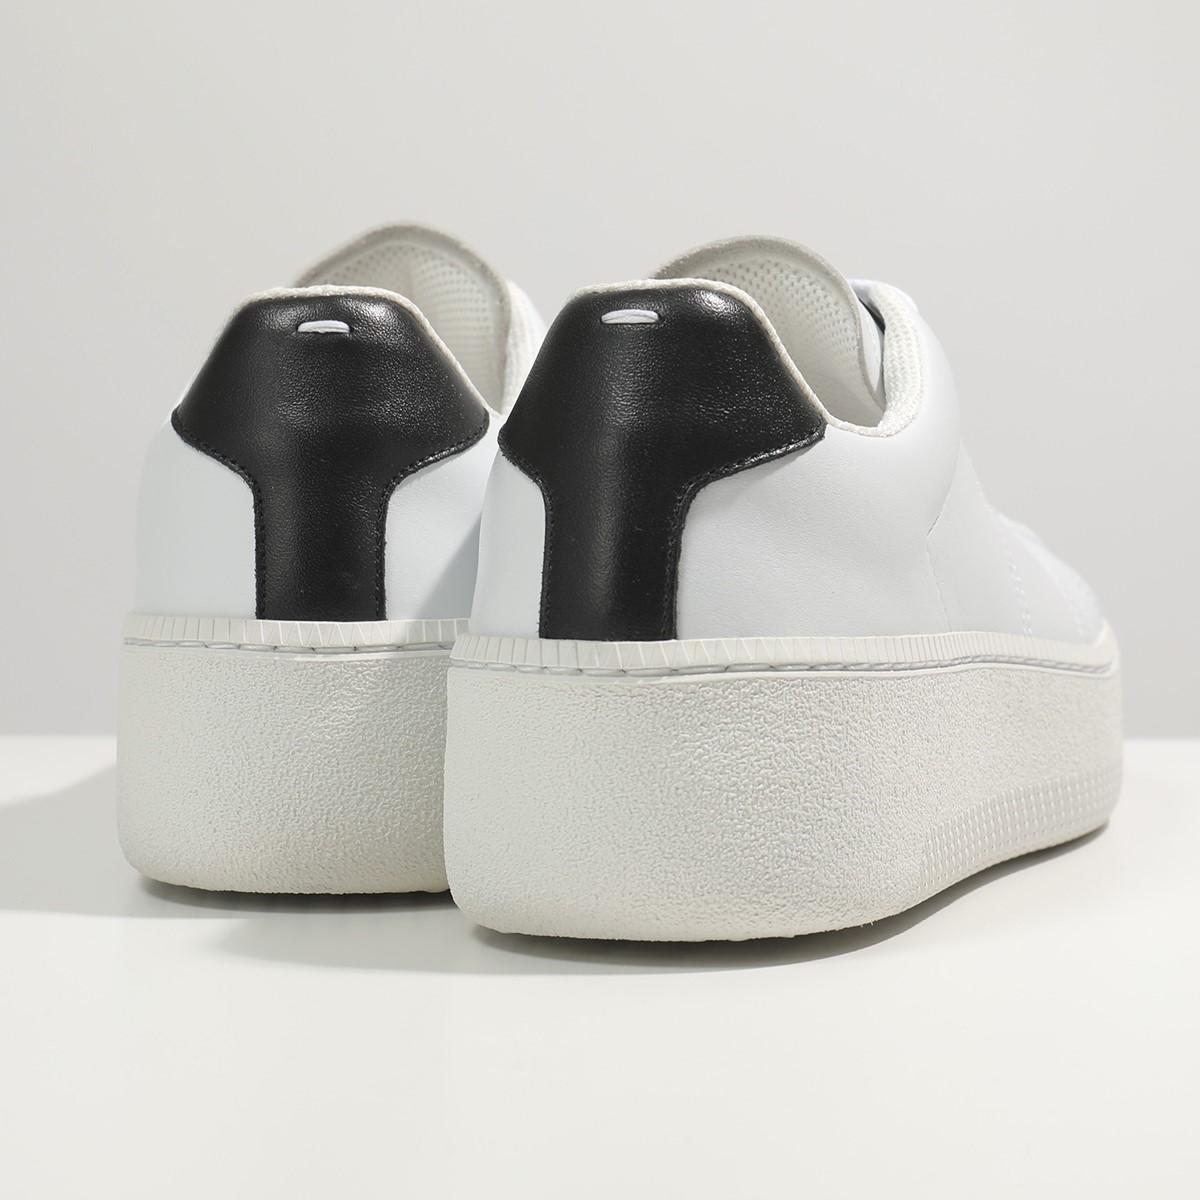 1 000円OFFクーポン対象 21日10時~22日9時59まで MAISON MARGIELA メゾンマルジェラ 22 S57WS0288 P2589 レザー ローカット スニーカー シューズ H7361 靴 メンズrCxeBodW